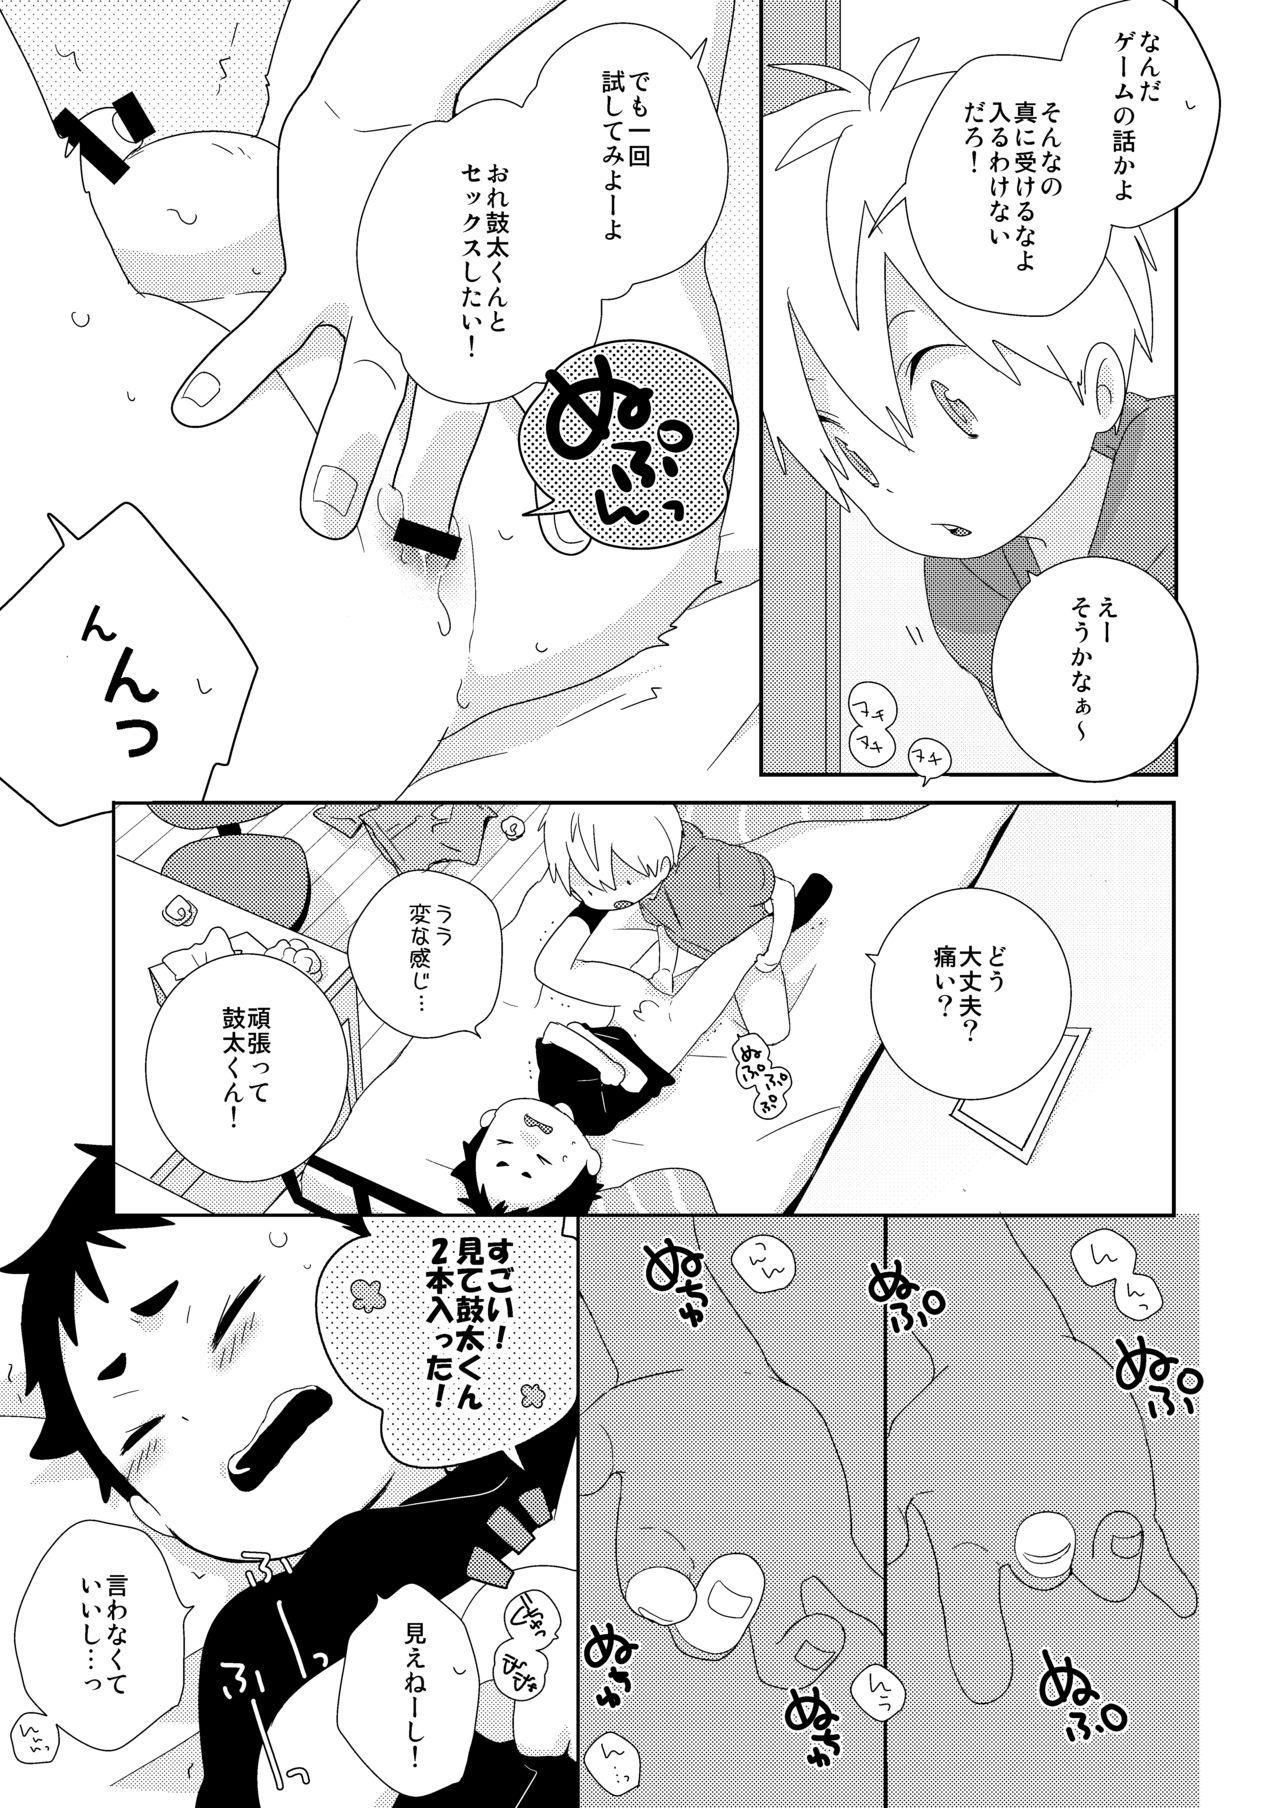 Kota-kun Ecchi Shiyo! 3